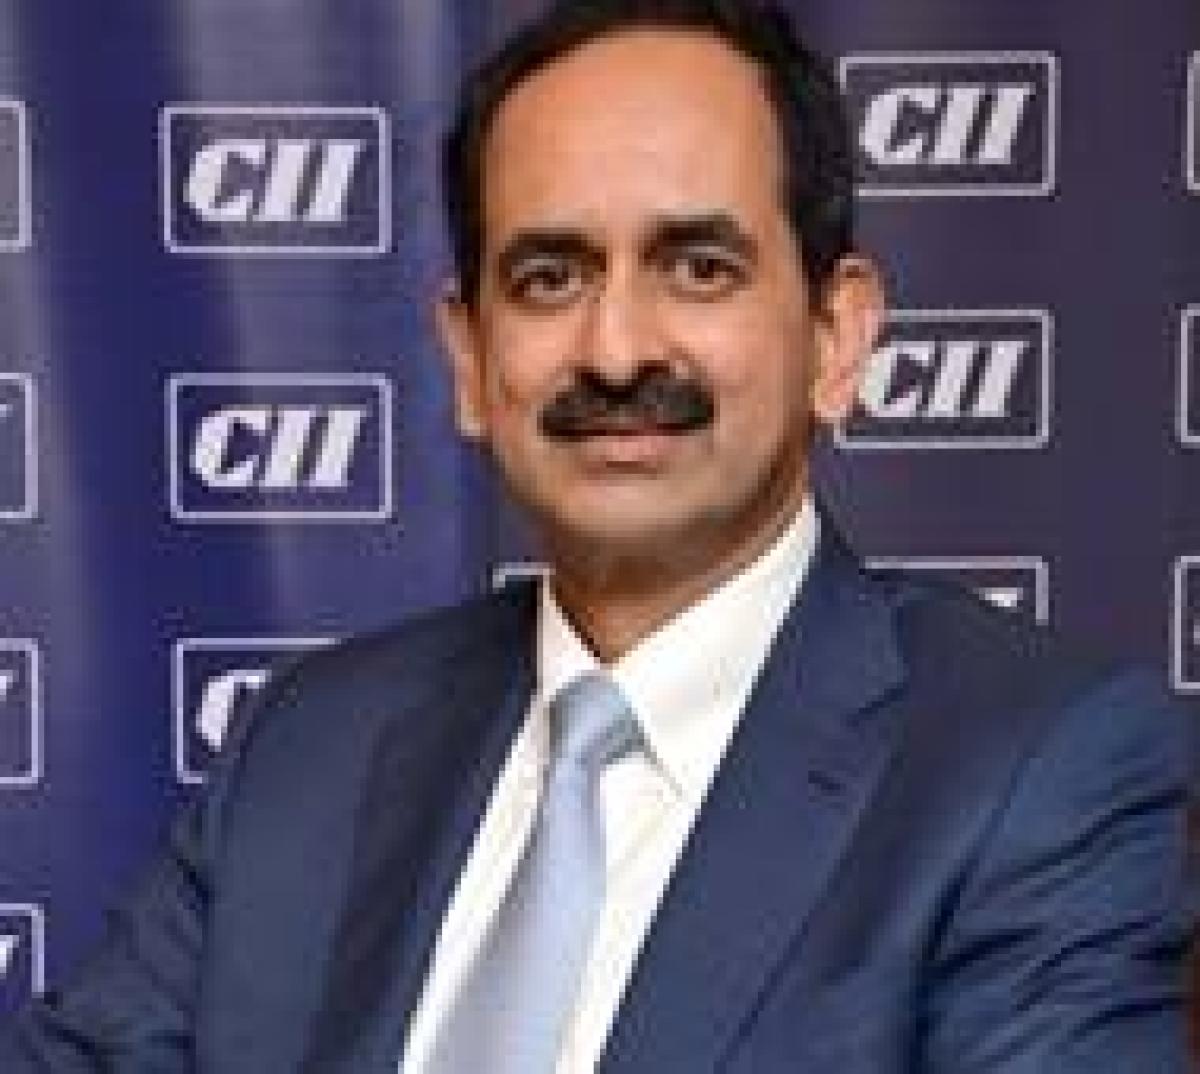 Budget 2016 Reactions: Sanjay Kirloskar, CII Western Region